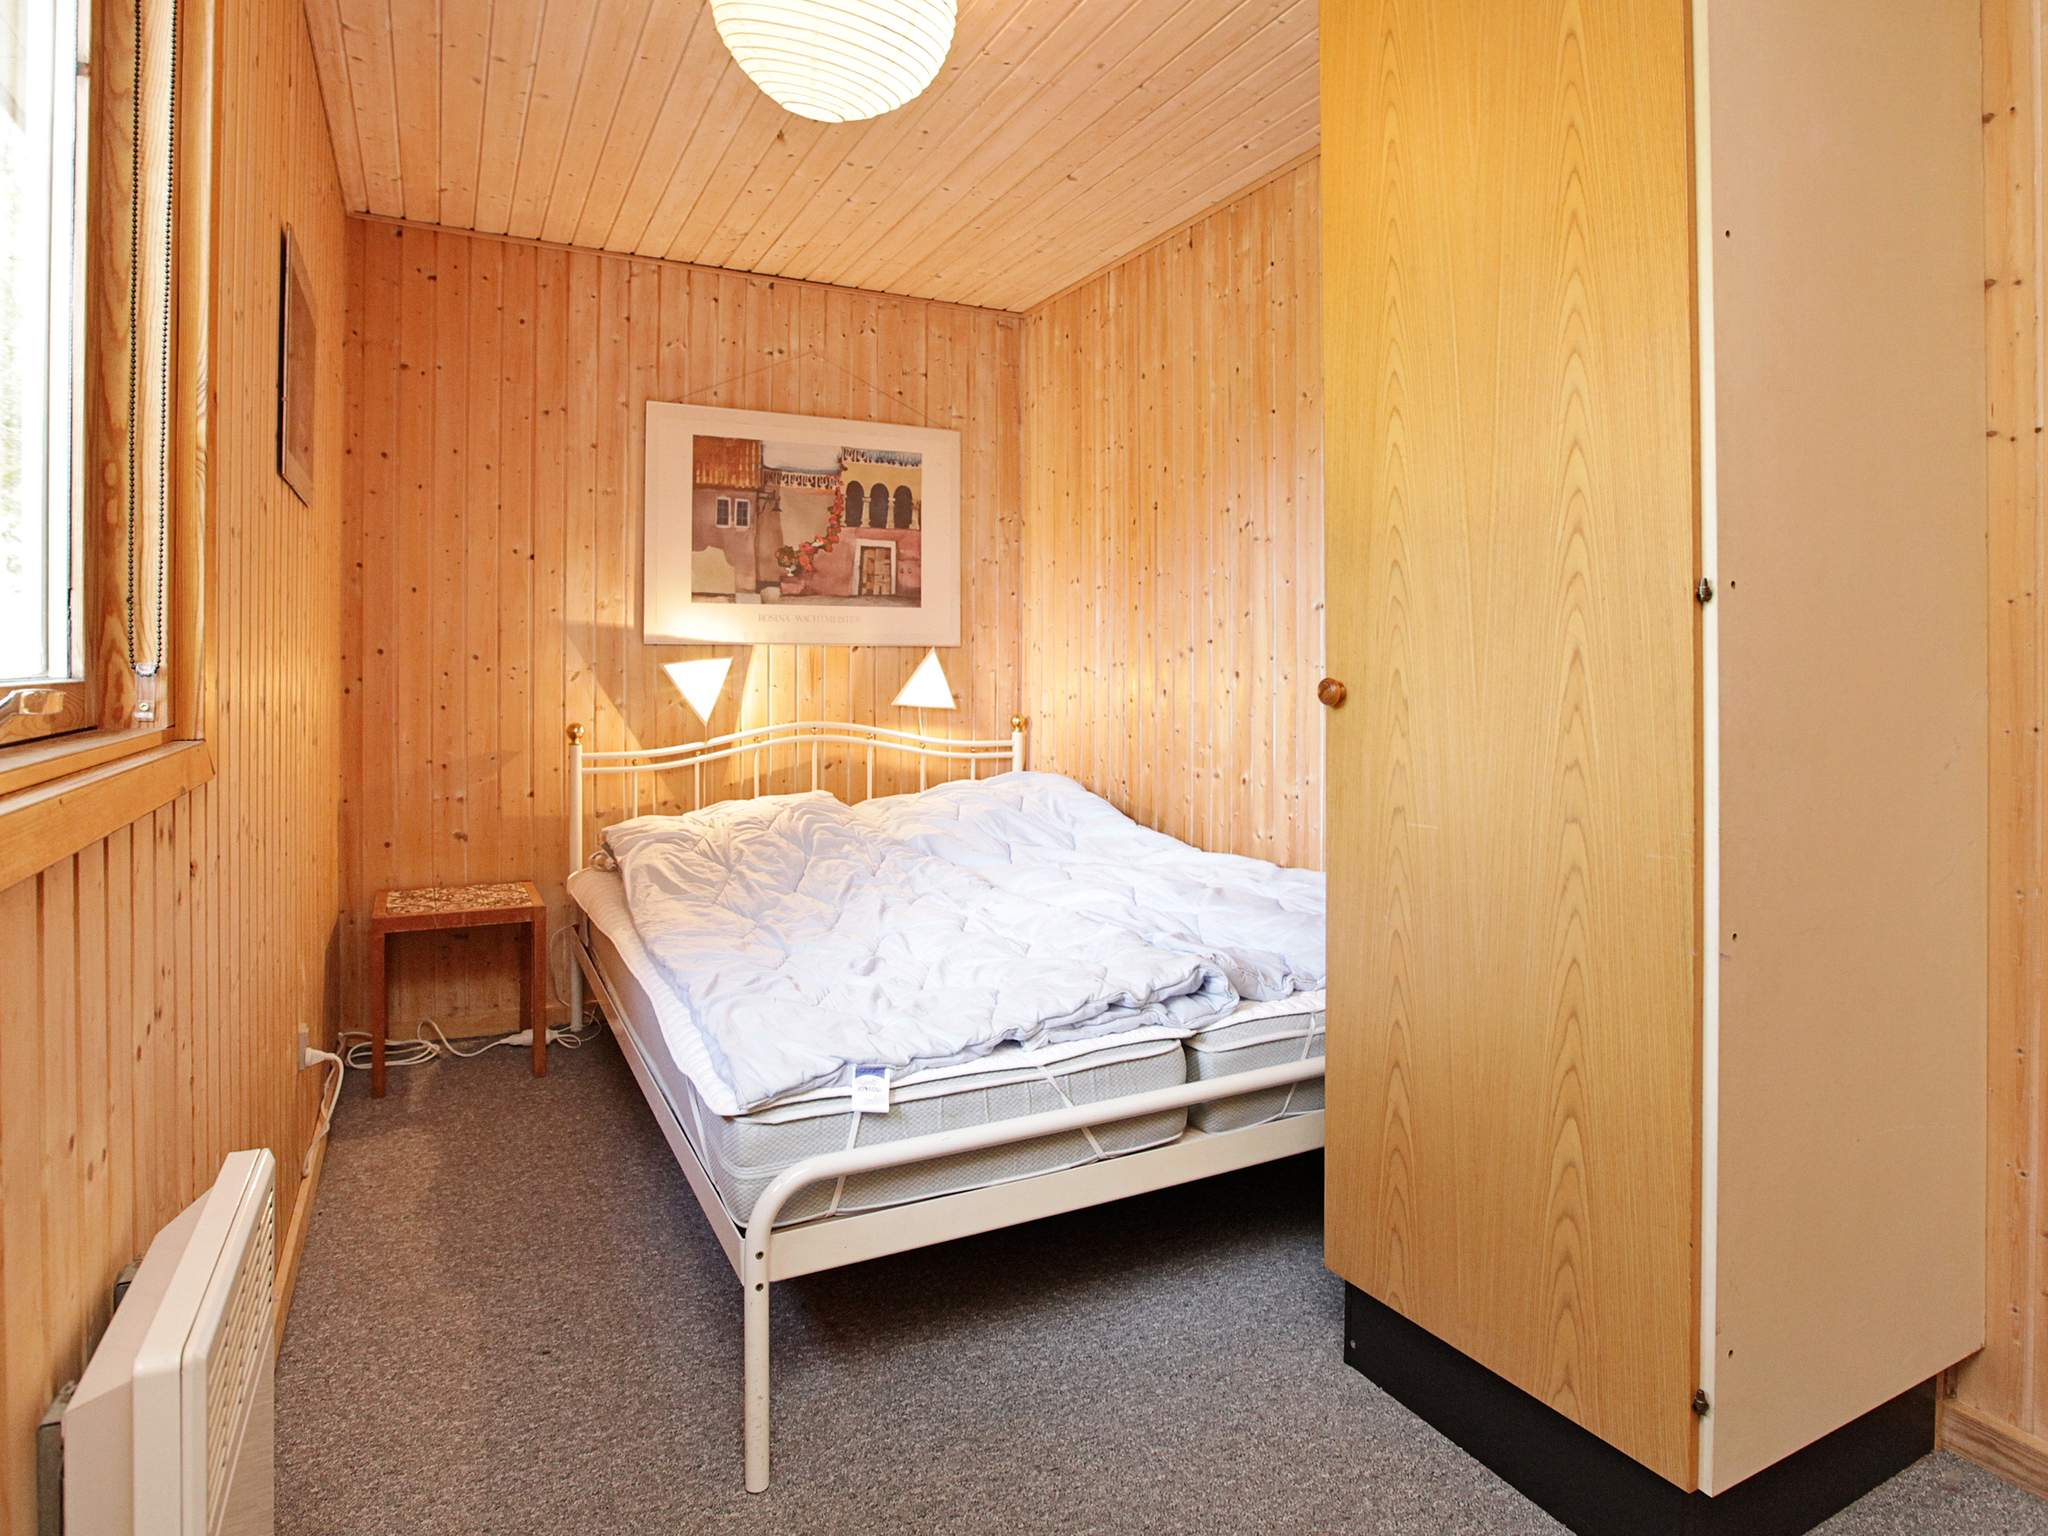 Ferienhaus Marielyst (83531), Marielyst, , Falster, Dänemark, Bild 8